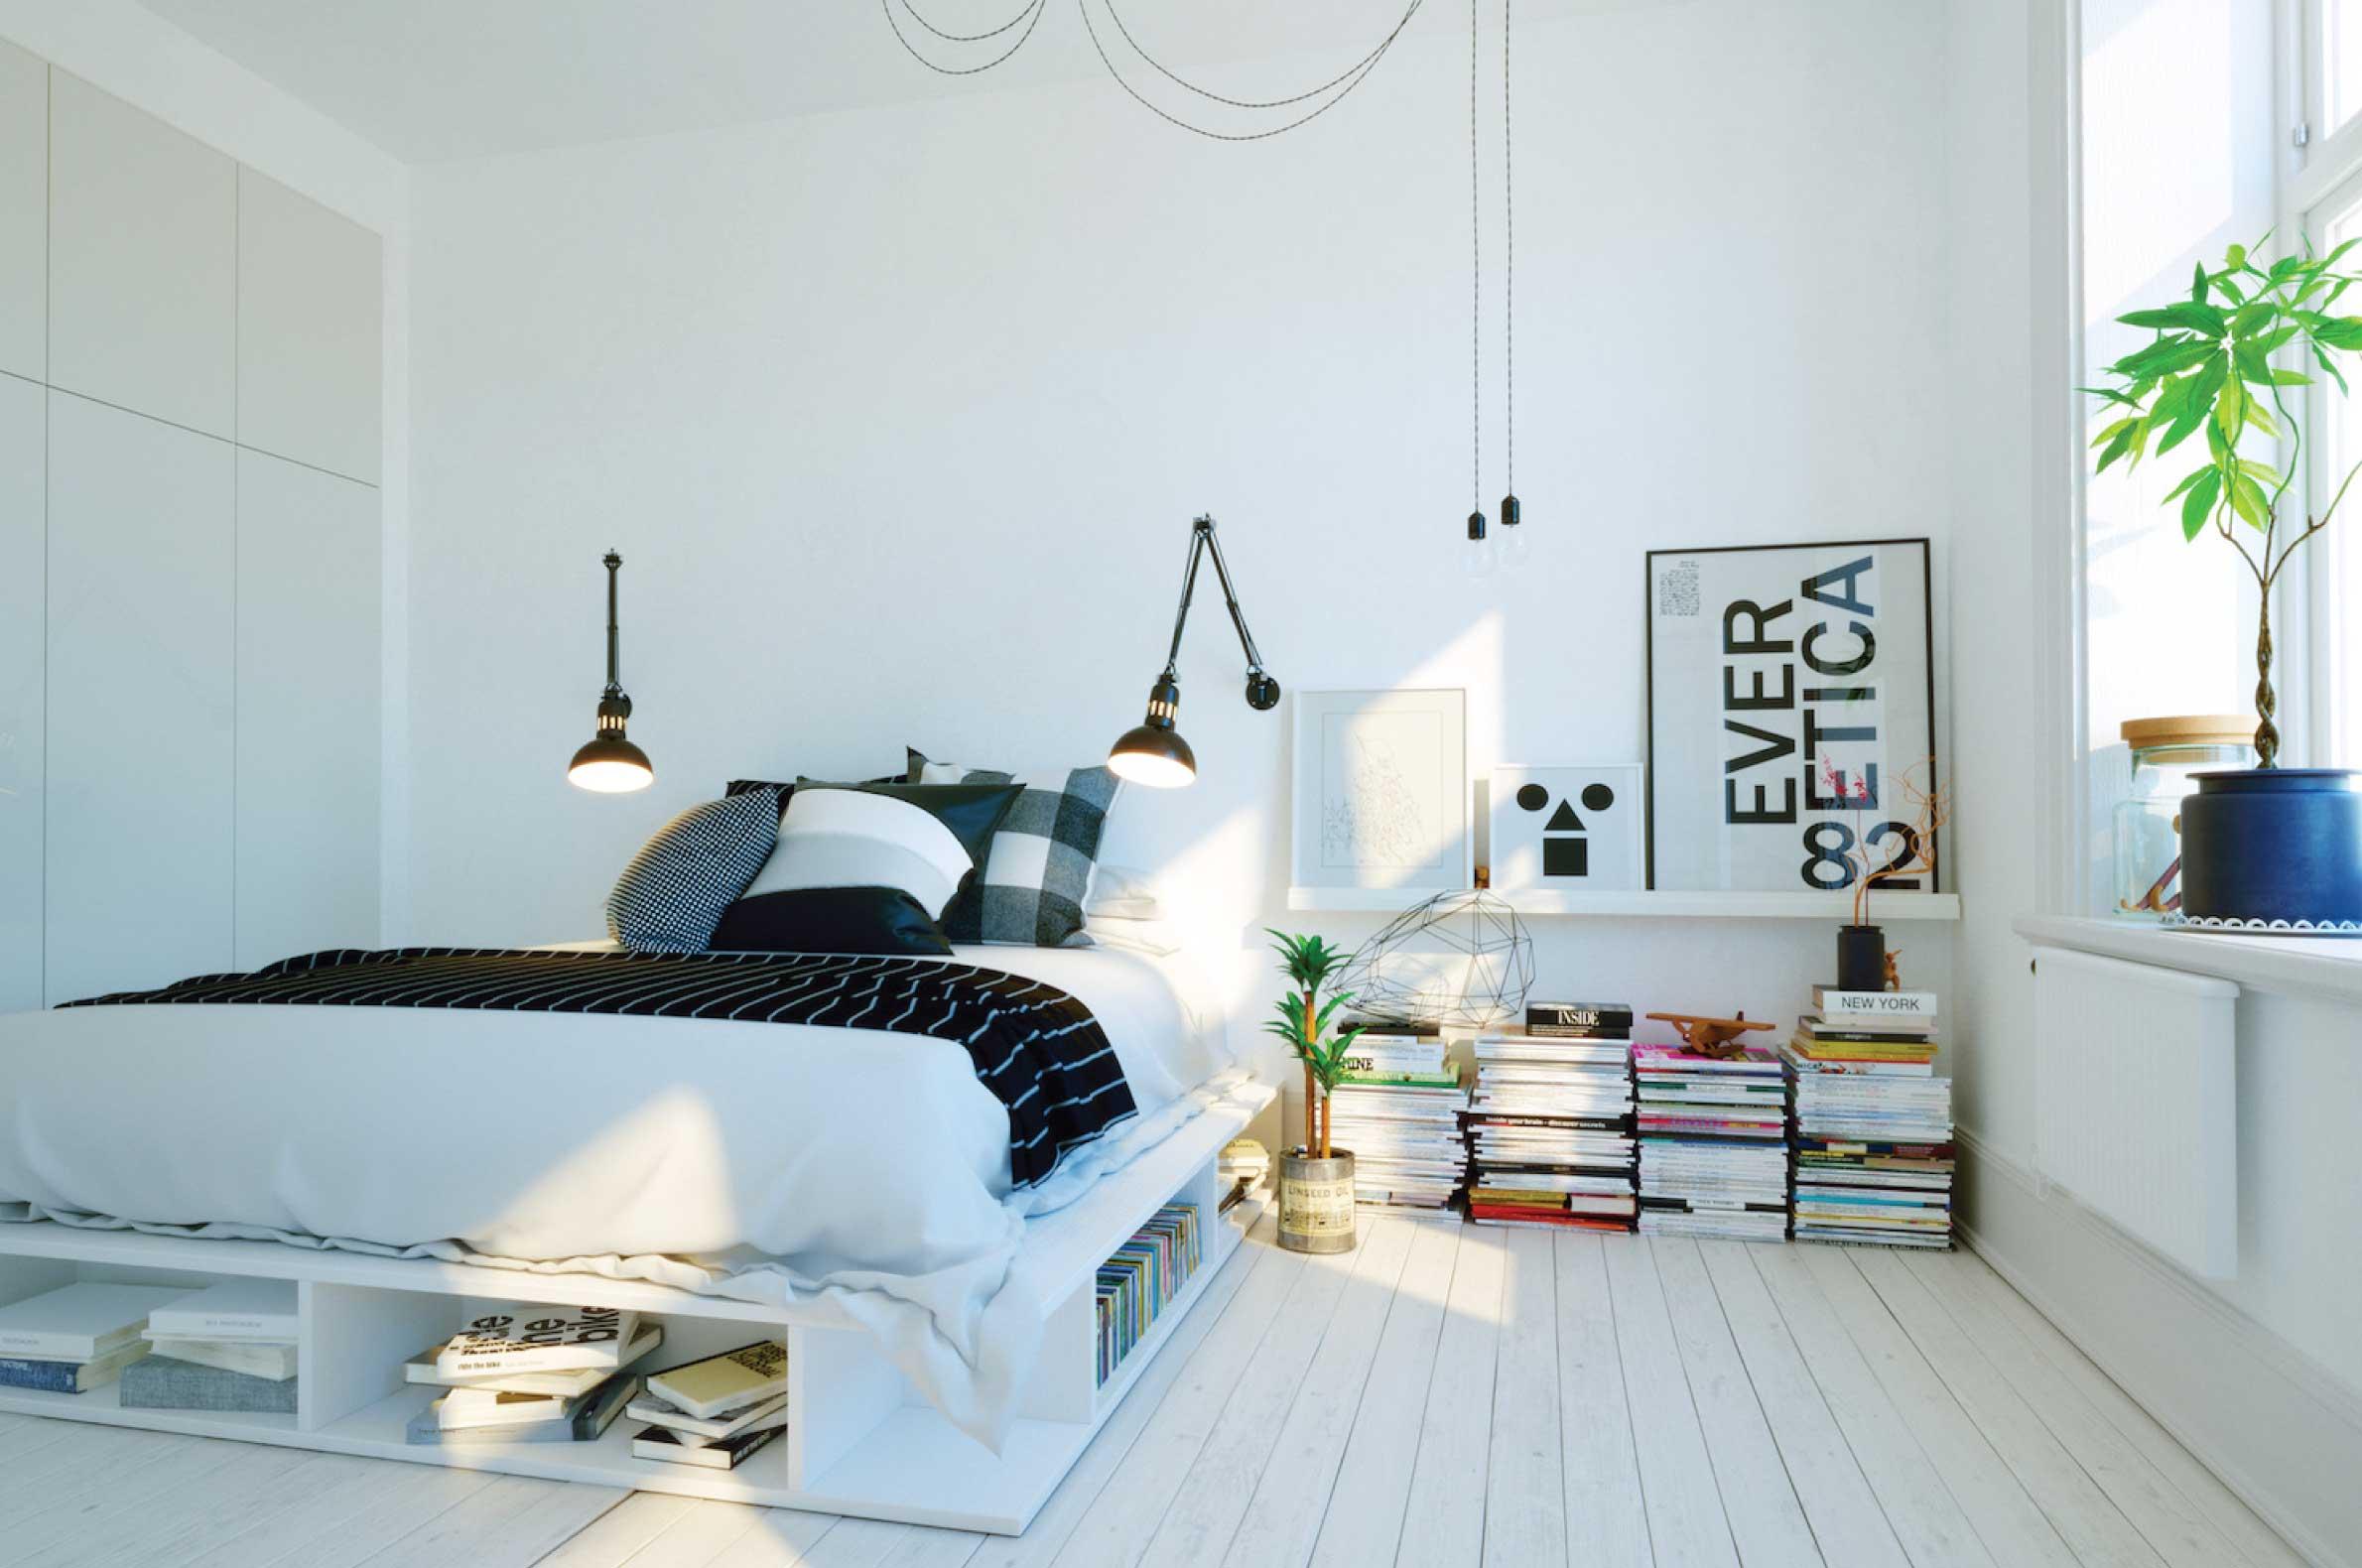 5ce6fb4da2a5c336d83bcc54 the best mattress banner